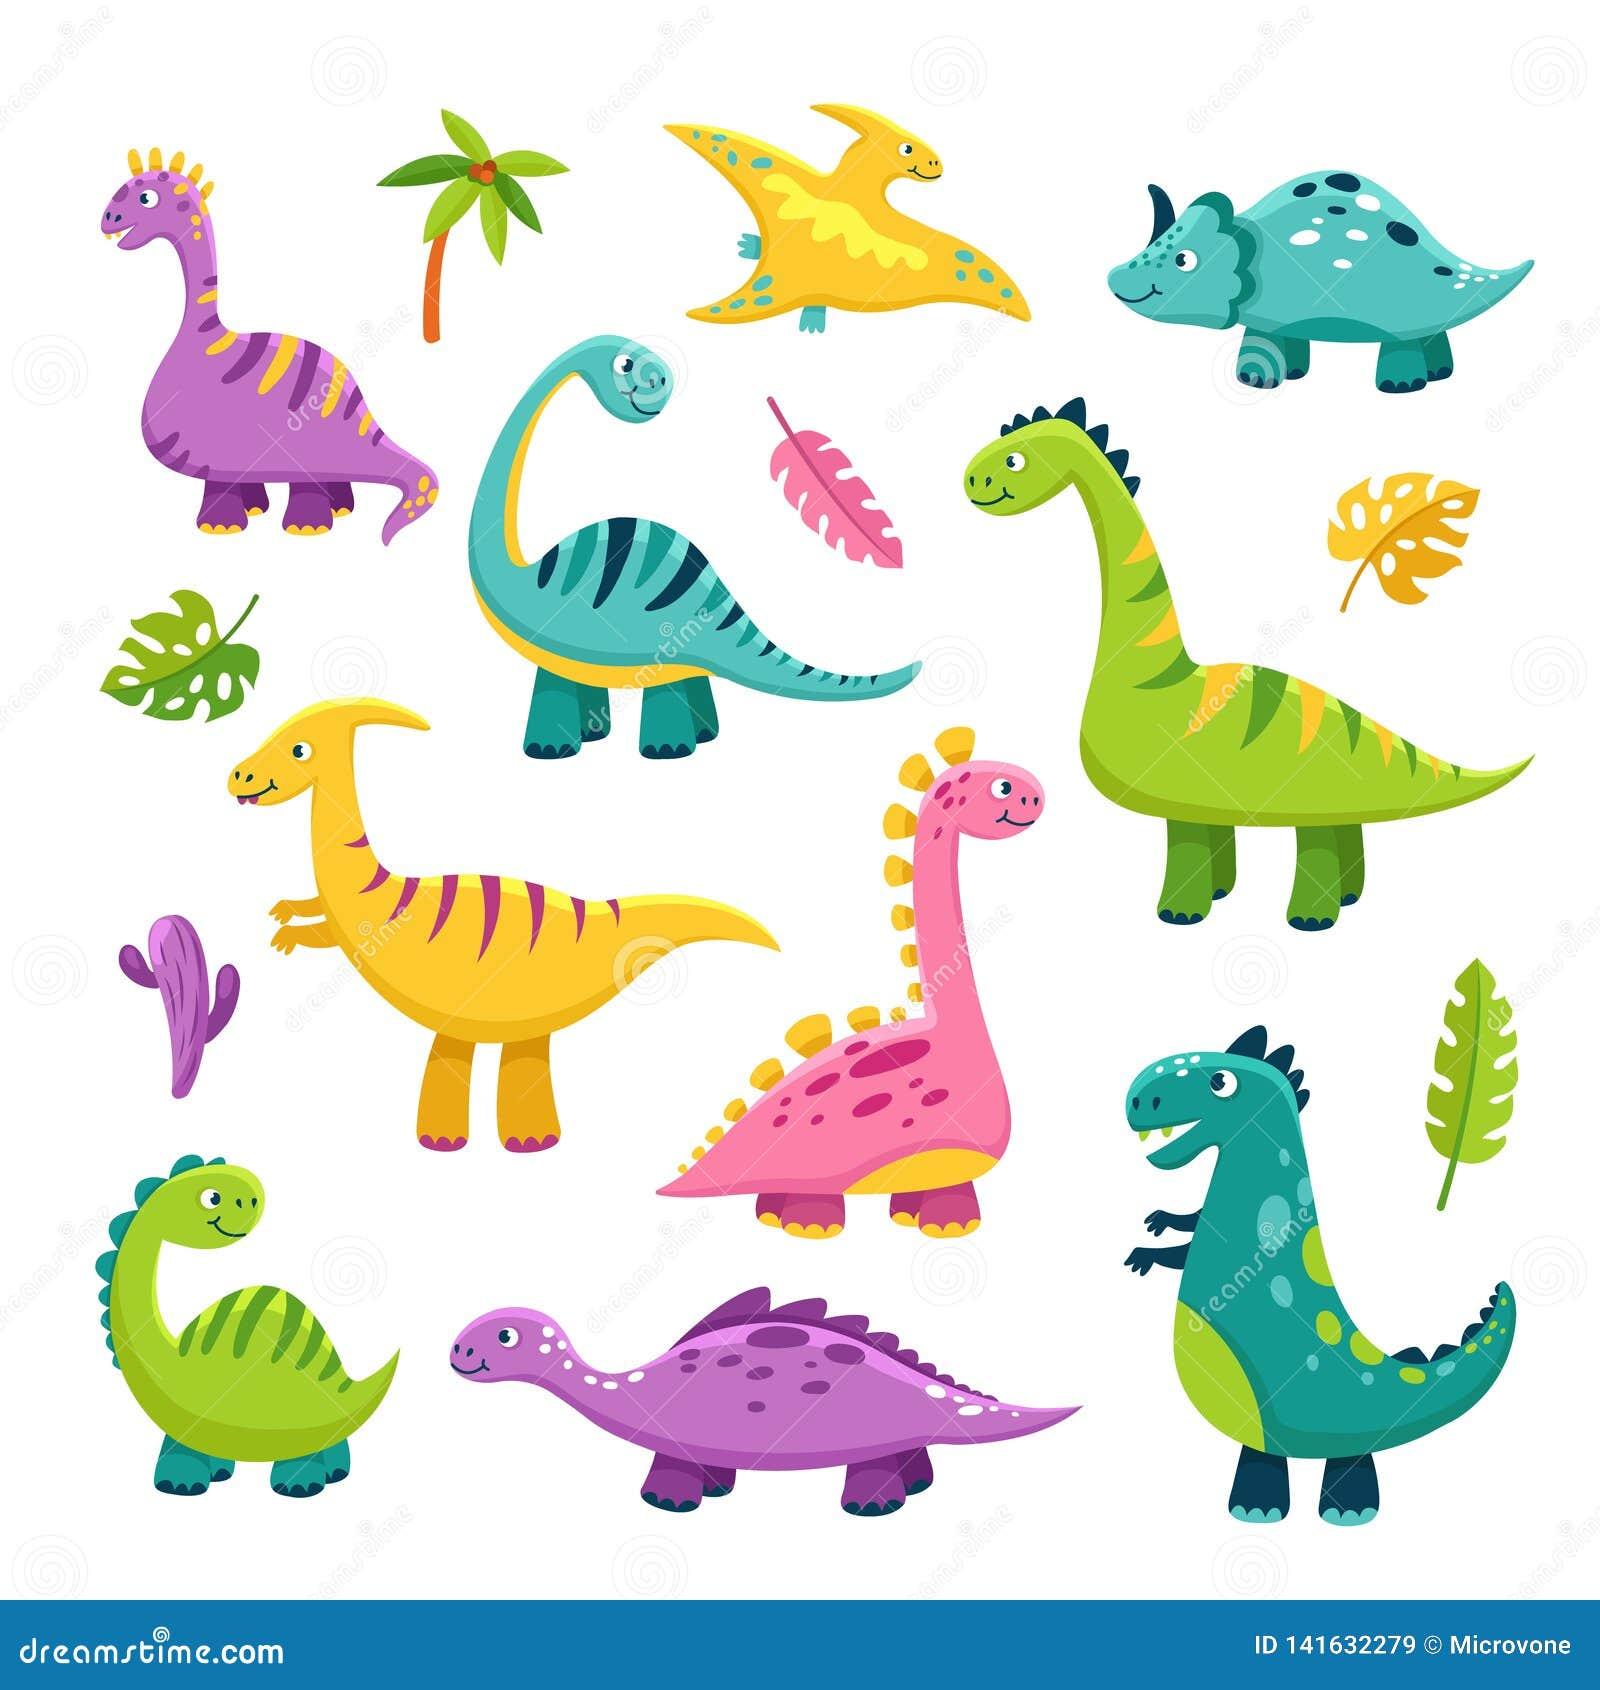 Leuke Dino Van de dinosaurusstegosaurus van de beeldverhaalbaby van de draakjonge geitjes vector van de wilde dierenbrontosaurus